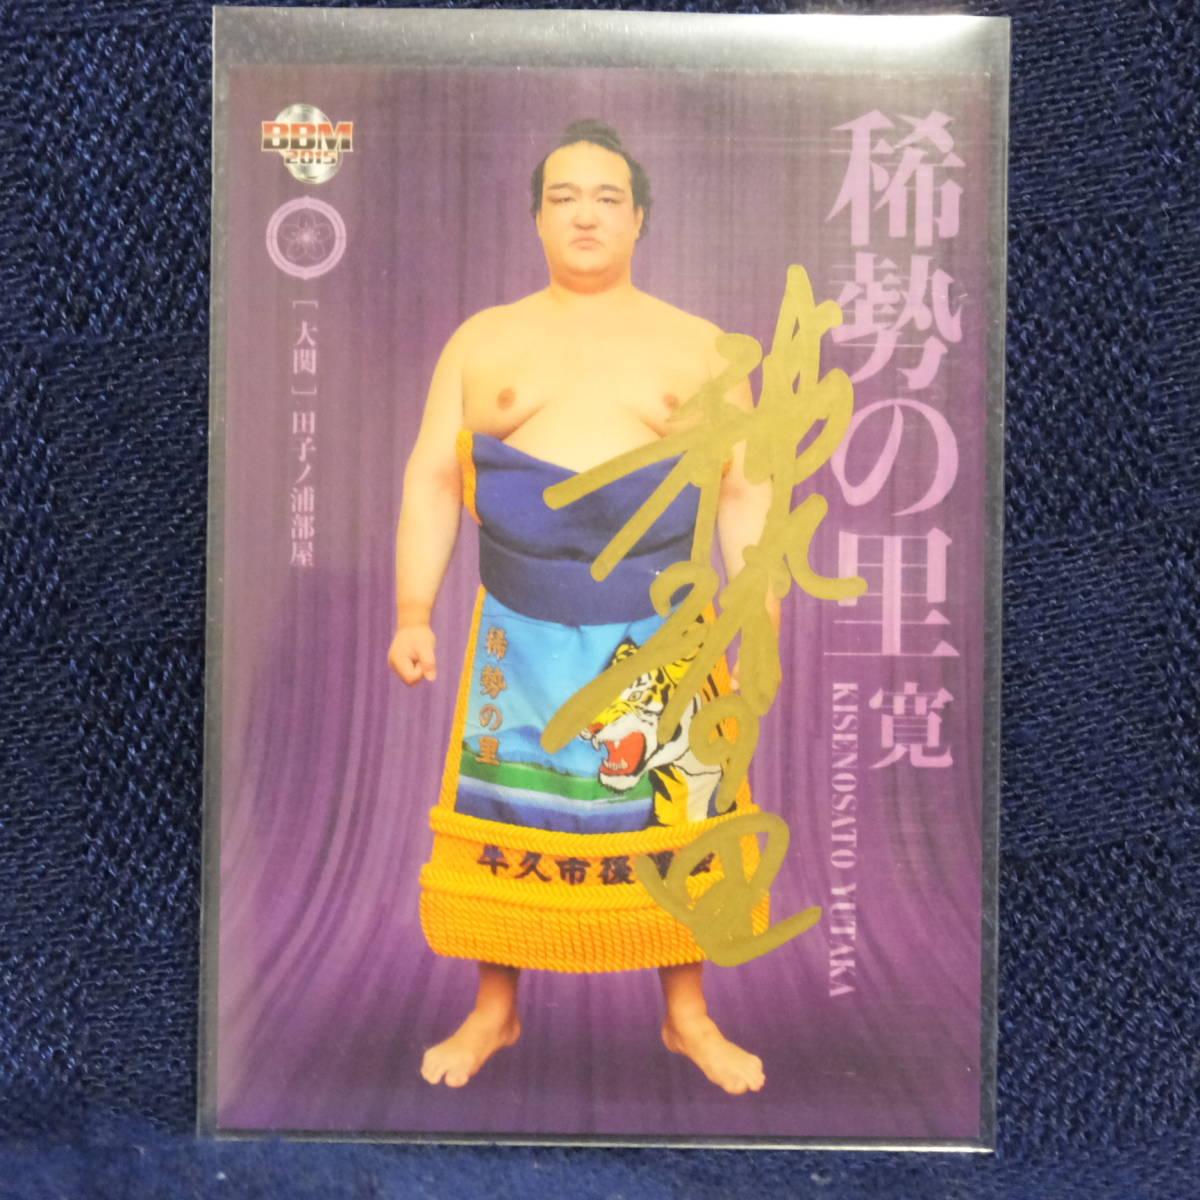 BBM2015 大相撲カード 粋 稀勢の里 直筆サインカード イベント抽選賞品